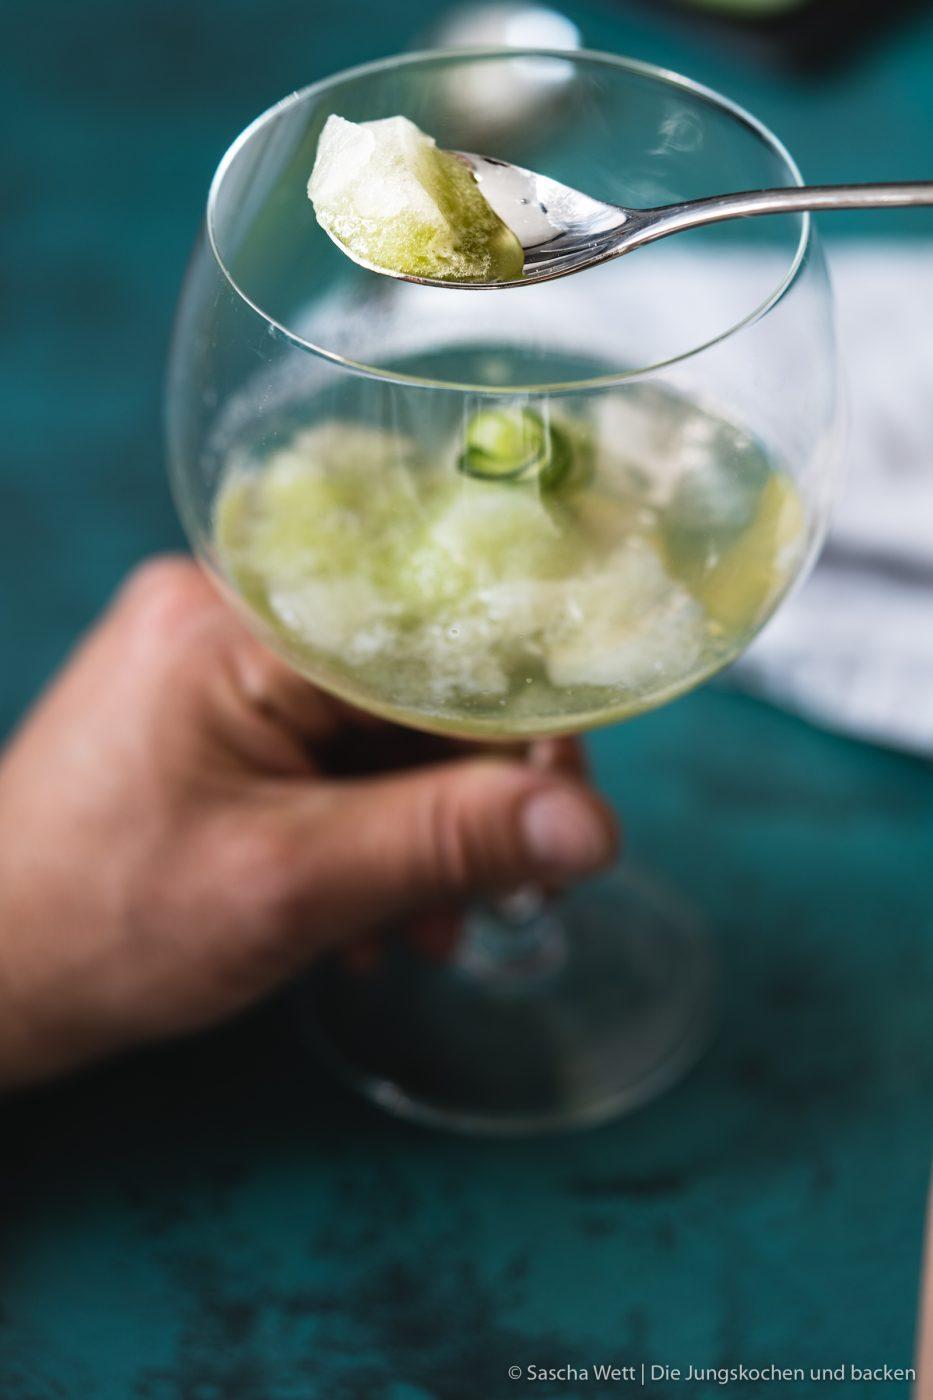 Gurkensorbet Gin Tonix Zwiesel Glas 5 | Unser heutiges Rezept, das wir euch unbedingt zeigen wollen, passt perfekt in jede Jahreszeit. Denn letztlich kann man hin und wieder eine kleine Abkühlung vertragen. Und wenn man unser Gurken-Gin-Sorbet, das wir mit Tonic angießen, auch gut als Dessert verspeisen kann, ist es auch der perfekte Starter für eure nächste Grillparty. Und wer kann auf einen leckeren Gin-Tonic schon verzichten? Wir nicht!